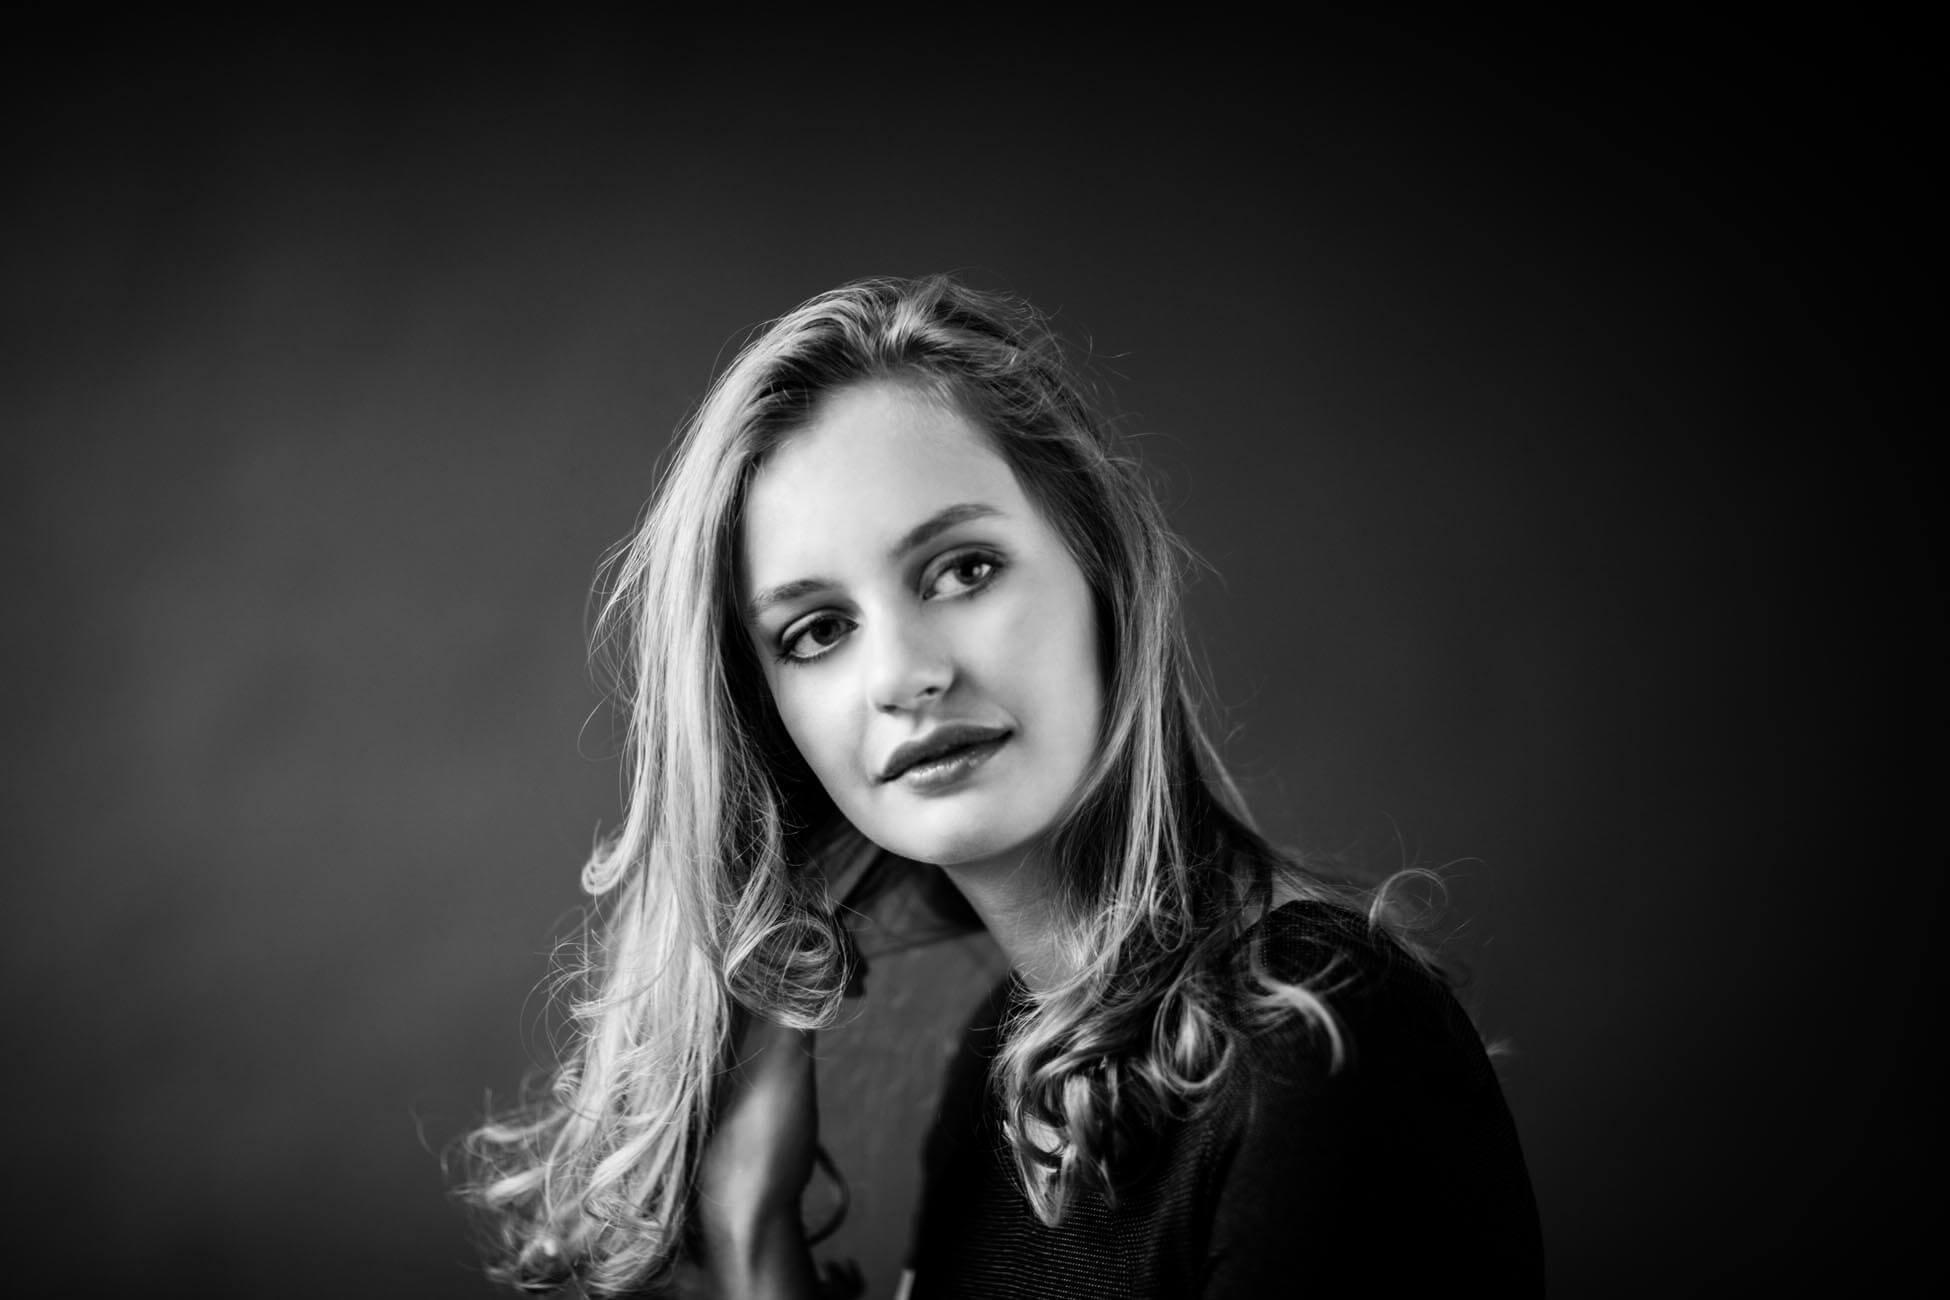 Fashion Fotografie und Portrait Fotografie un Kärnten Villach Österreich